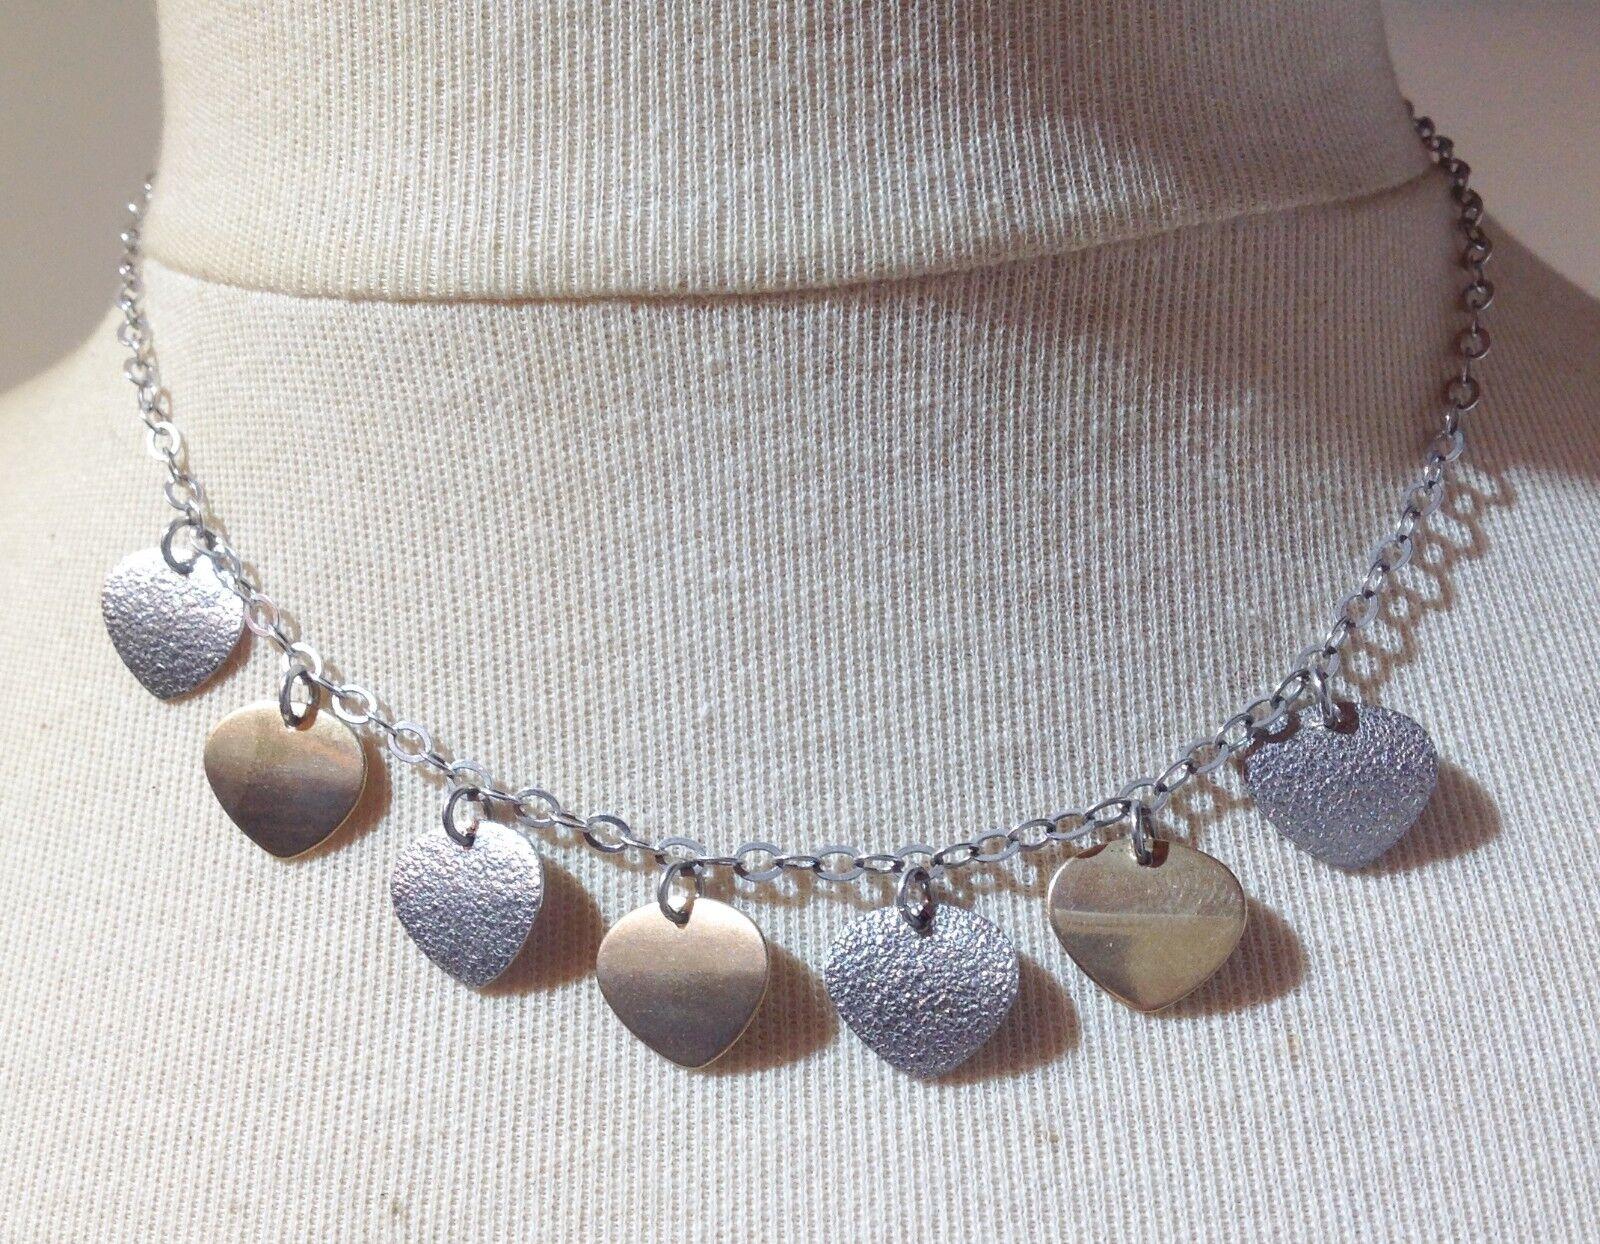 Collier vintage argento 925 pur poinçon poinçon poinçon pampilles vermeil et argento diamanté 5329 8d3a3a